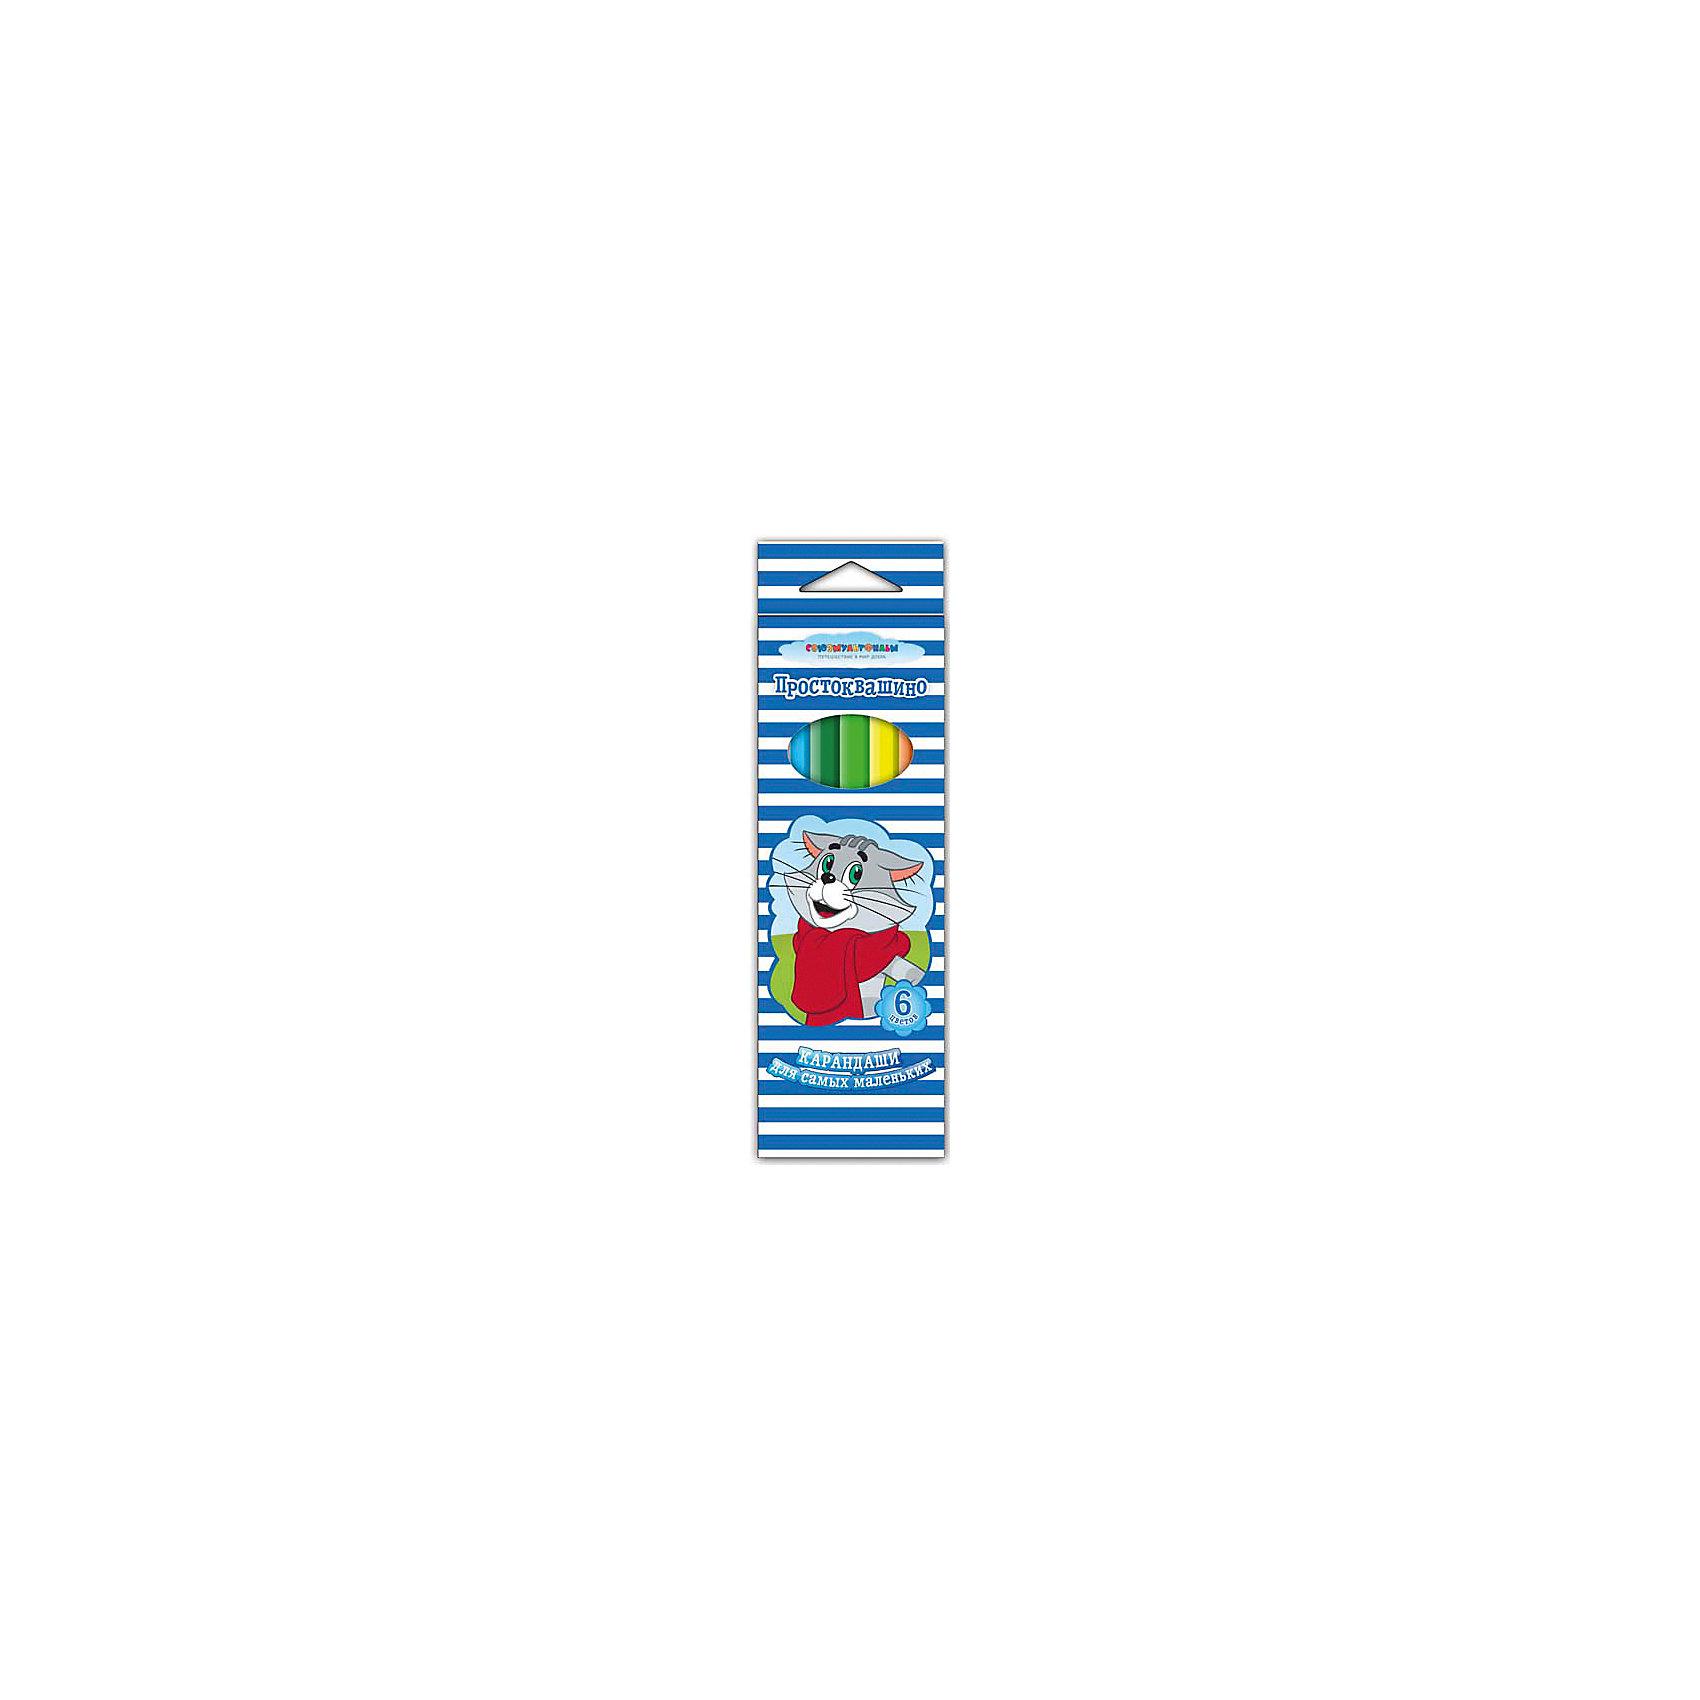 Трёхгранные цветные карандаши «Простоквашино», 12 цветовЦветные<br>В наборе «Простоквашино» ТМ «Союзмультфильм» 12 цветных трехгранных карандашей размером 175х11 мм, идеально подходящих для рисования, письма и раскрашивания. Карандаши разработаны специально для малышей: благодаря утолщенному корпусу и эргономичной форме, они особенно удобны для детской руки, поэтому ребенок может рисовать без усталости и правильно держать мягкий карандаш, не требующий сильного нажатия. Карандаши обладают яркими цветами, безопасны при использовании по назначению, легко затачиваются, изготовлены из высококачественной древесины, имеют прочный грифель, который не сломается при заточке и не раскрошится внутри корпуса, если ребёнок нечаянно уронит карандаш на пол. Срок годности не ограничен.<br><br>Ширина мм: 210<br>Глубина мм: 120<br>Высота мм: 10<br>Вес г: 153<br>Возраст от месяцев: 36<br>Возраст до месяцев: 120<br>Пол: Унисекс<br>Возраст: Детский<br>SKU: 4637460